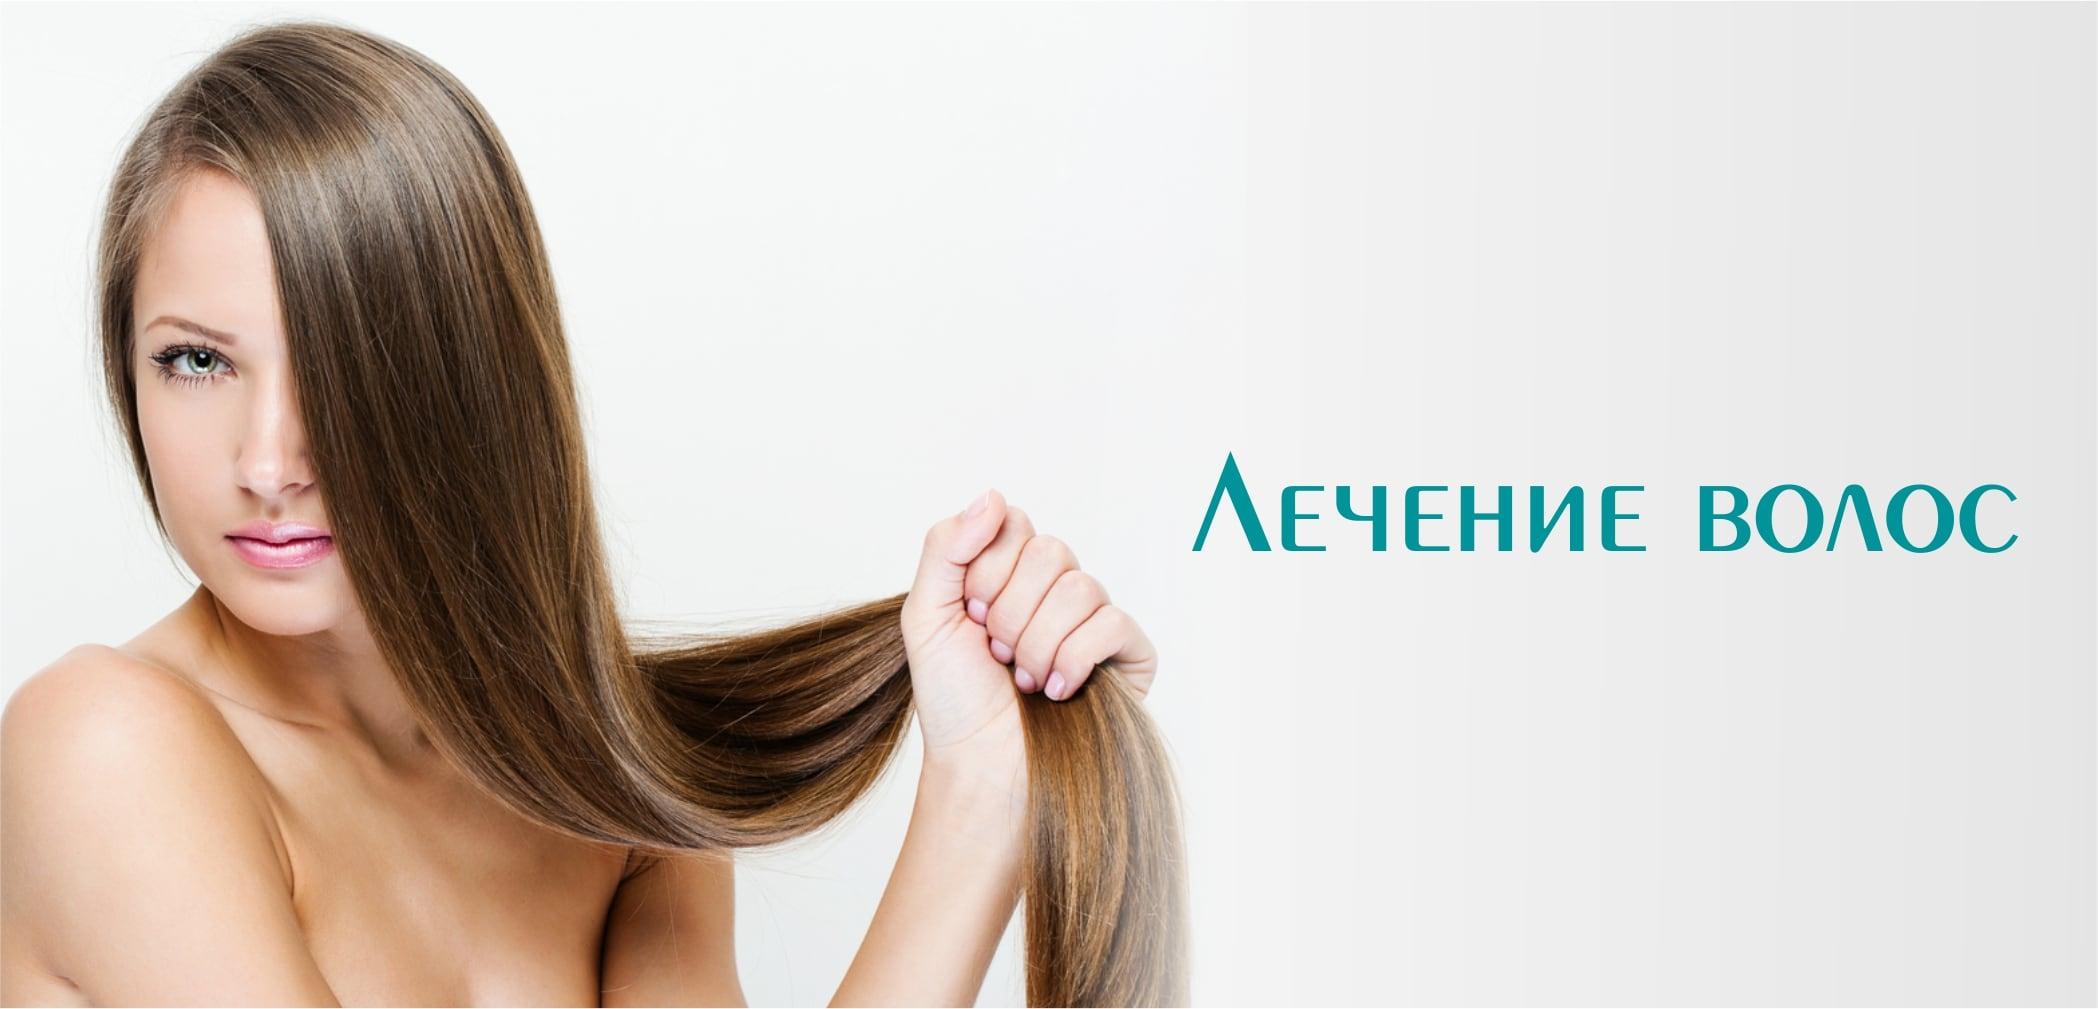 лечение волос_2